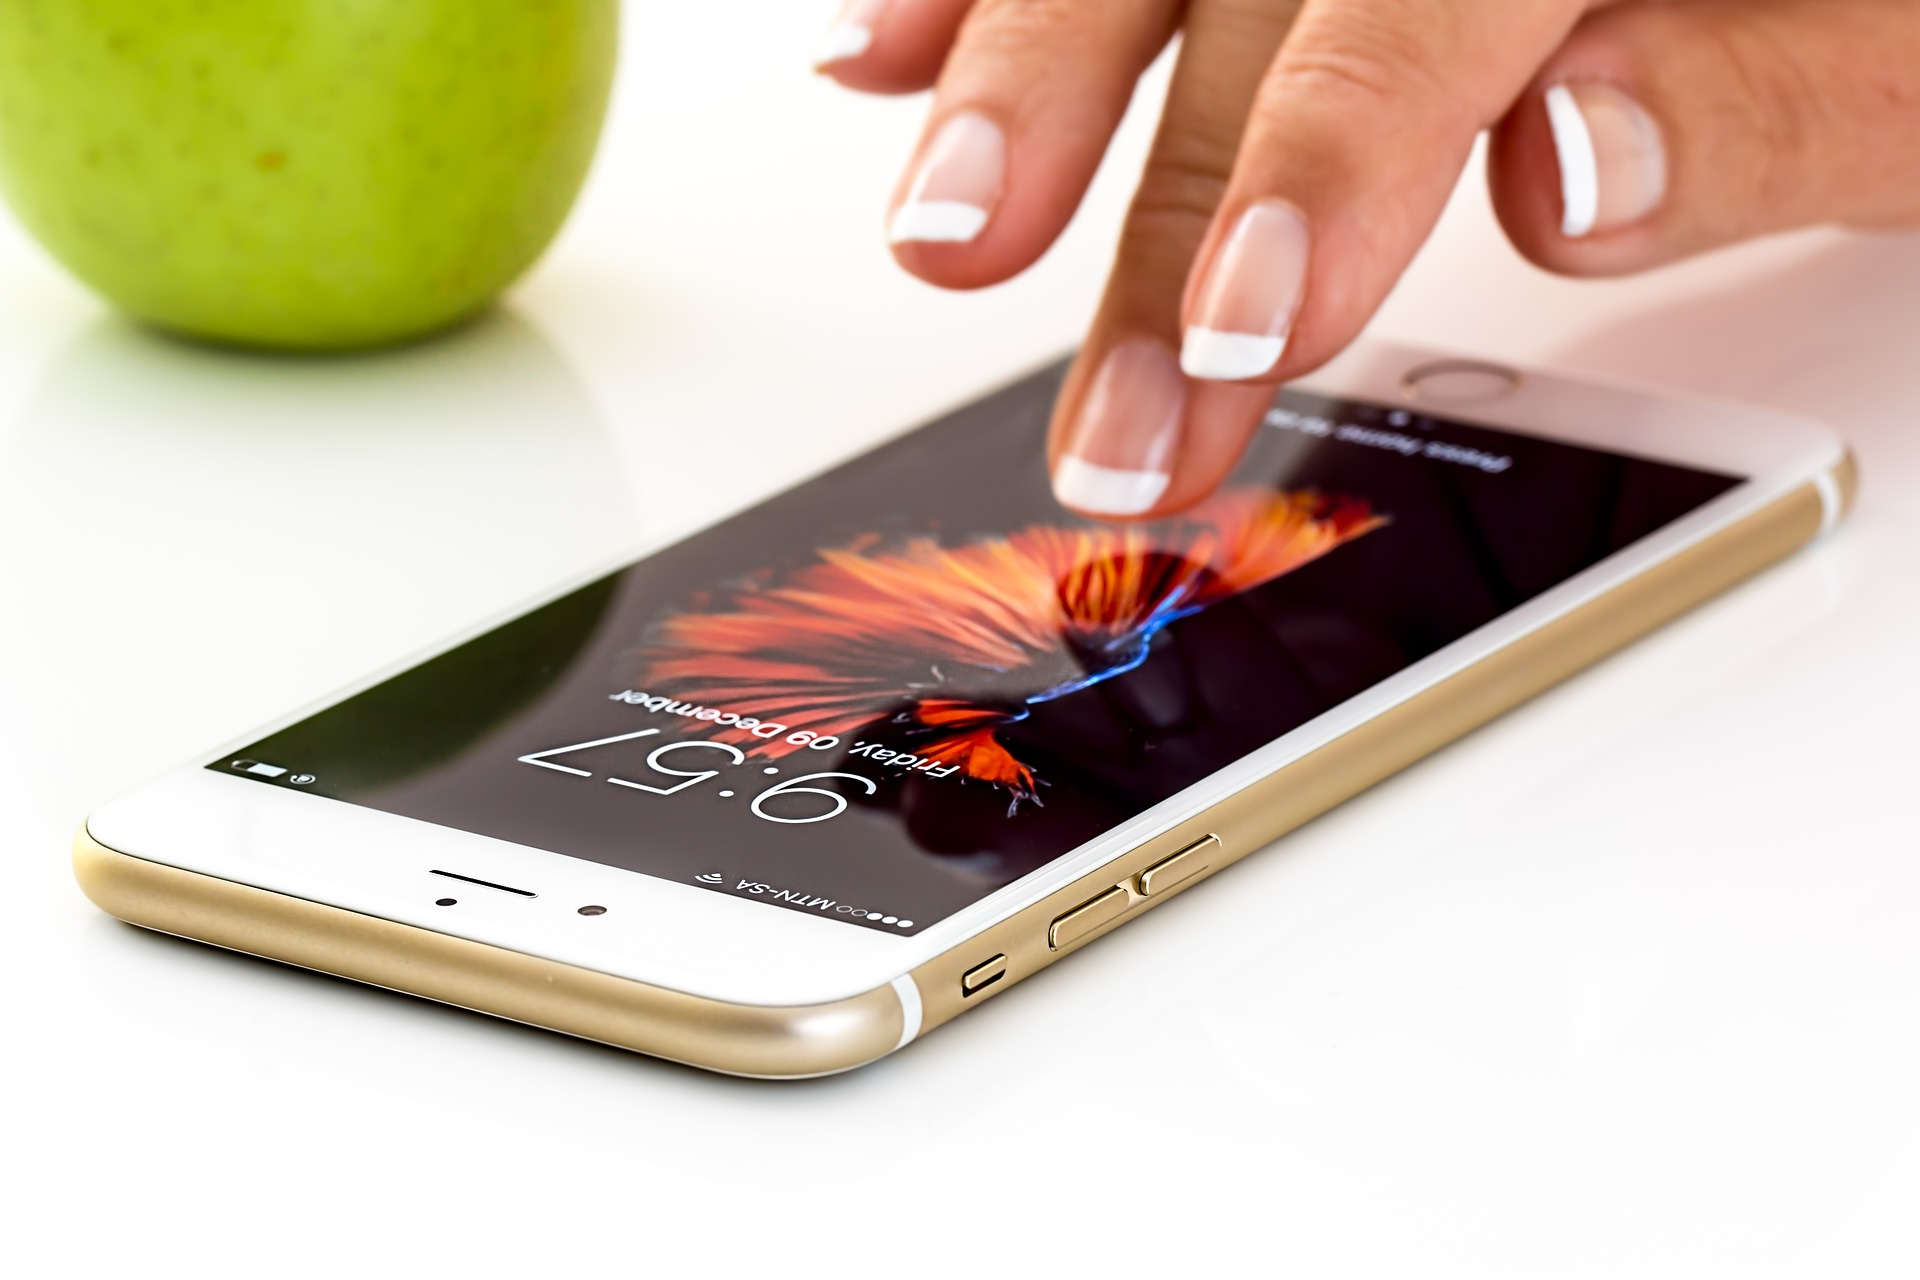 En 2017, le marché des smartphones a vu sa taille augmenter de 10 %, et ce n'est pas fini